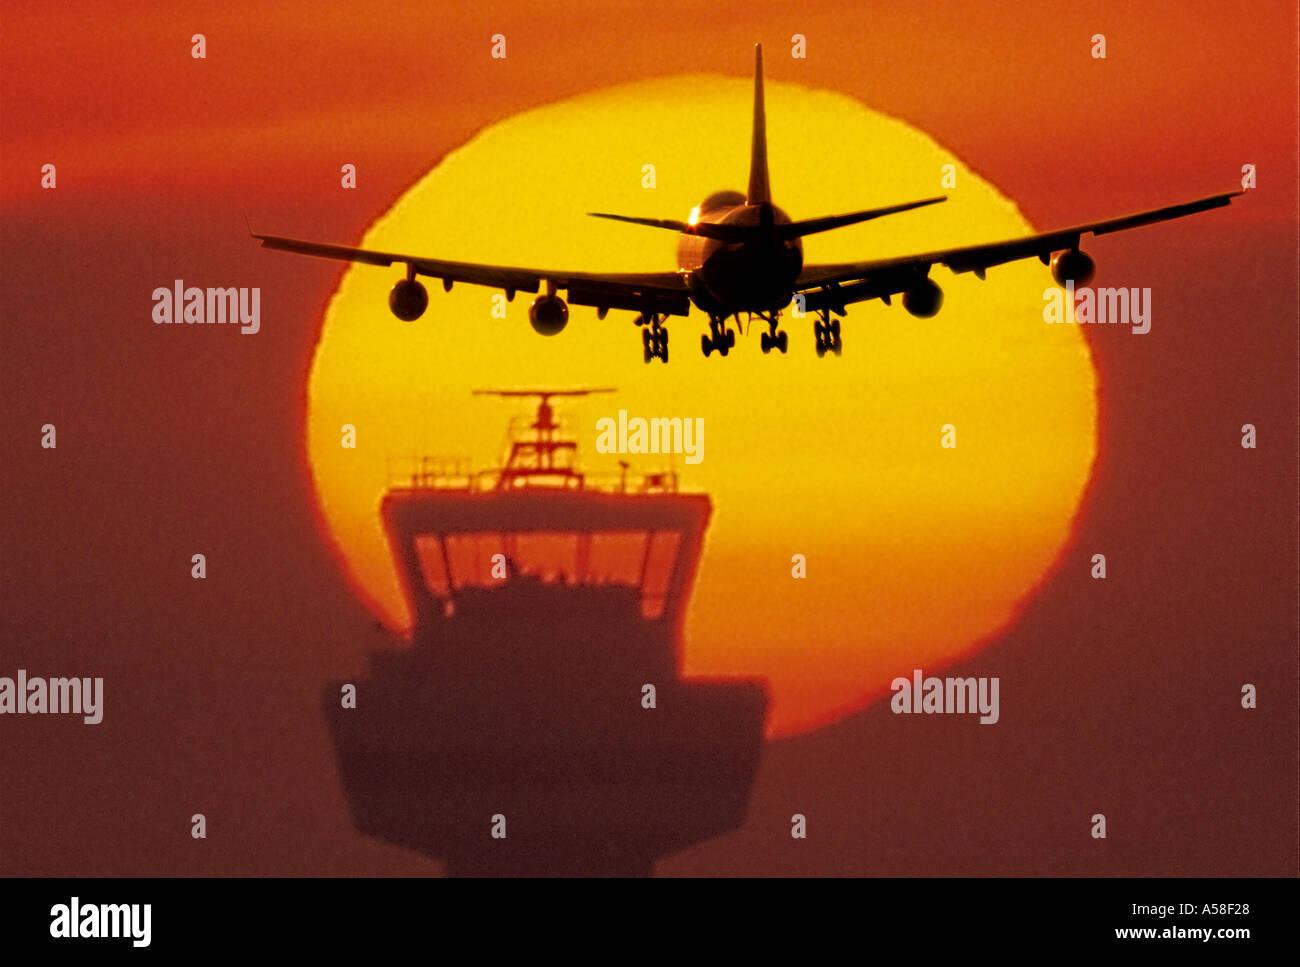 Take Off Landing - Stock Image